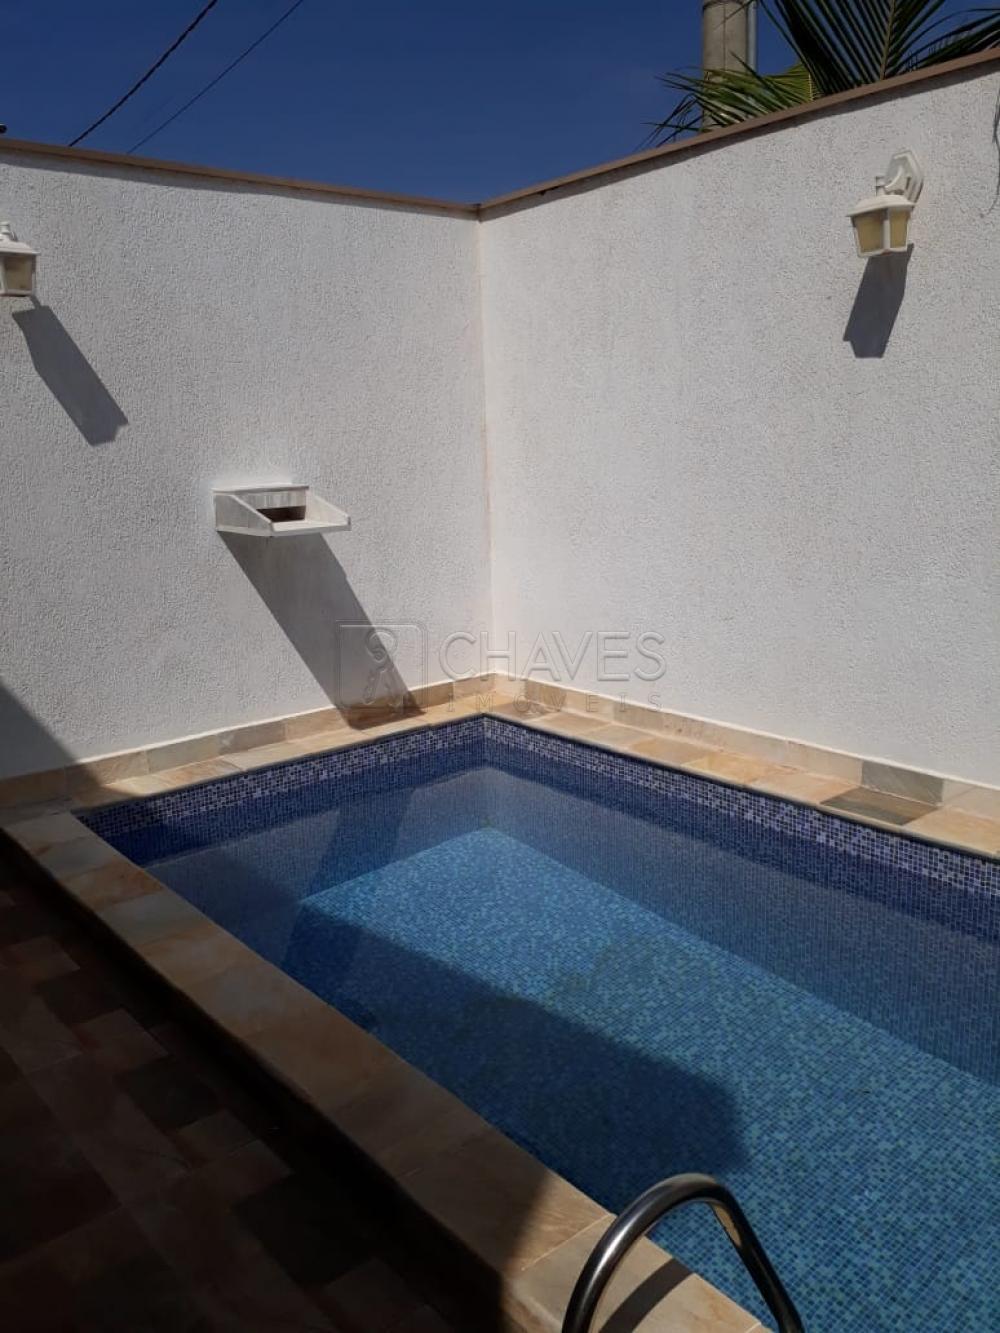 Comprar Casa / Condomínio em Ribeirão Preto apenas R$ 730.000,00 - Foto 9